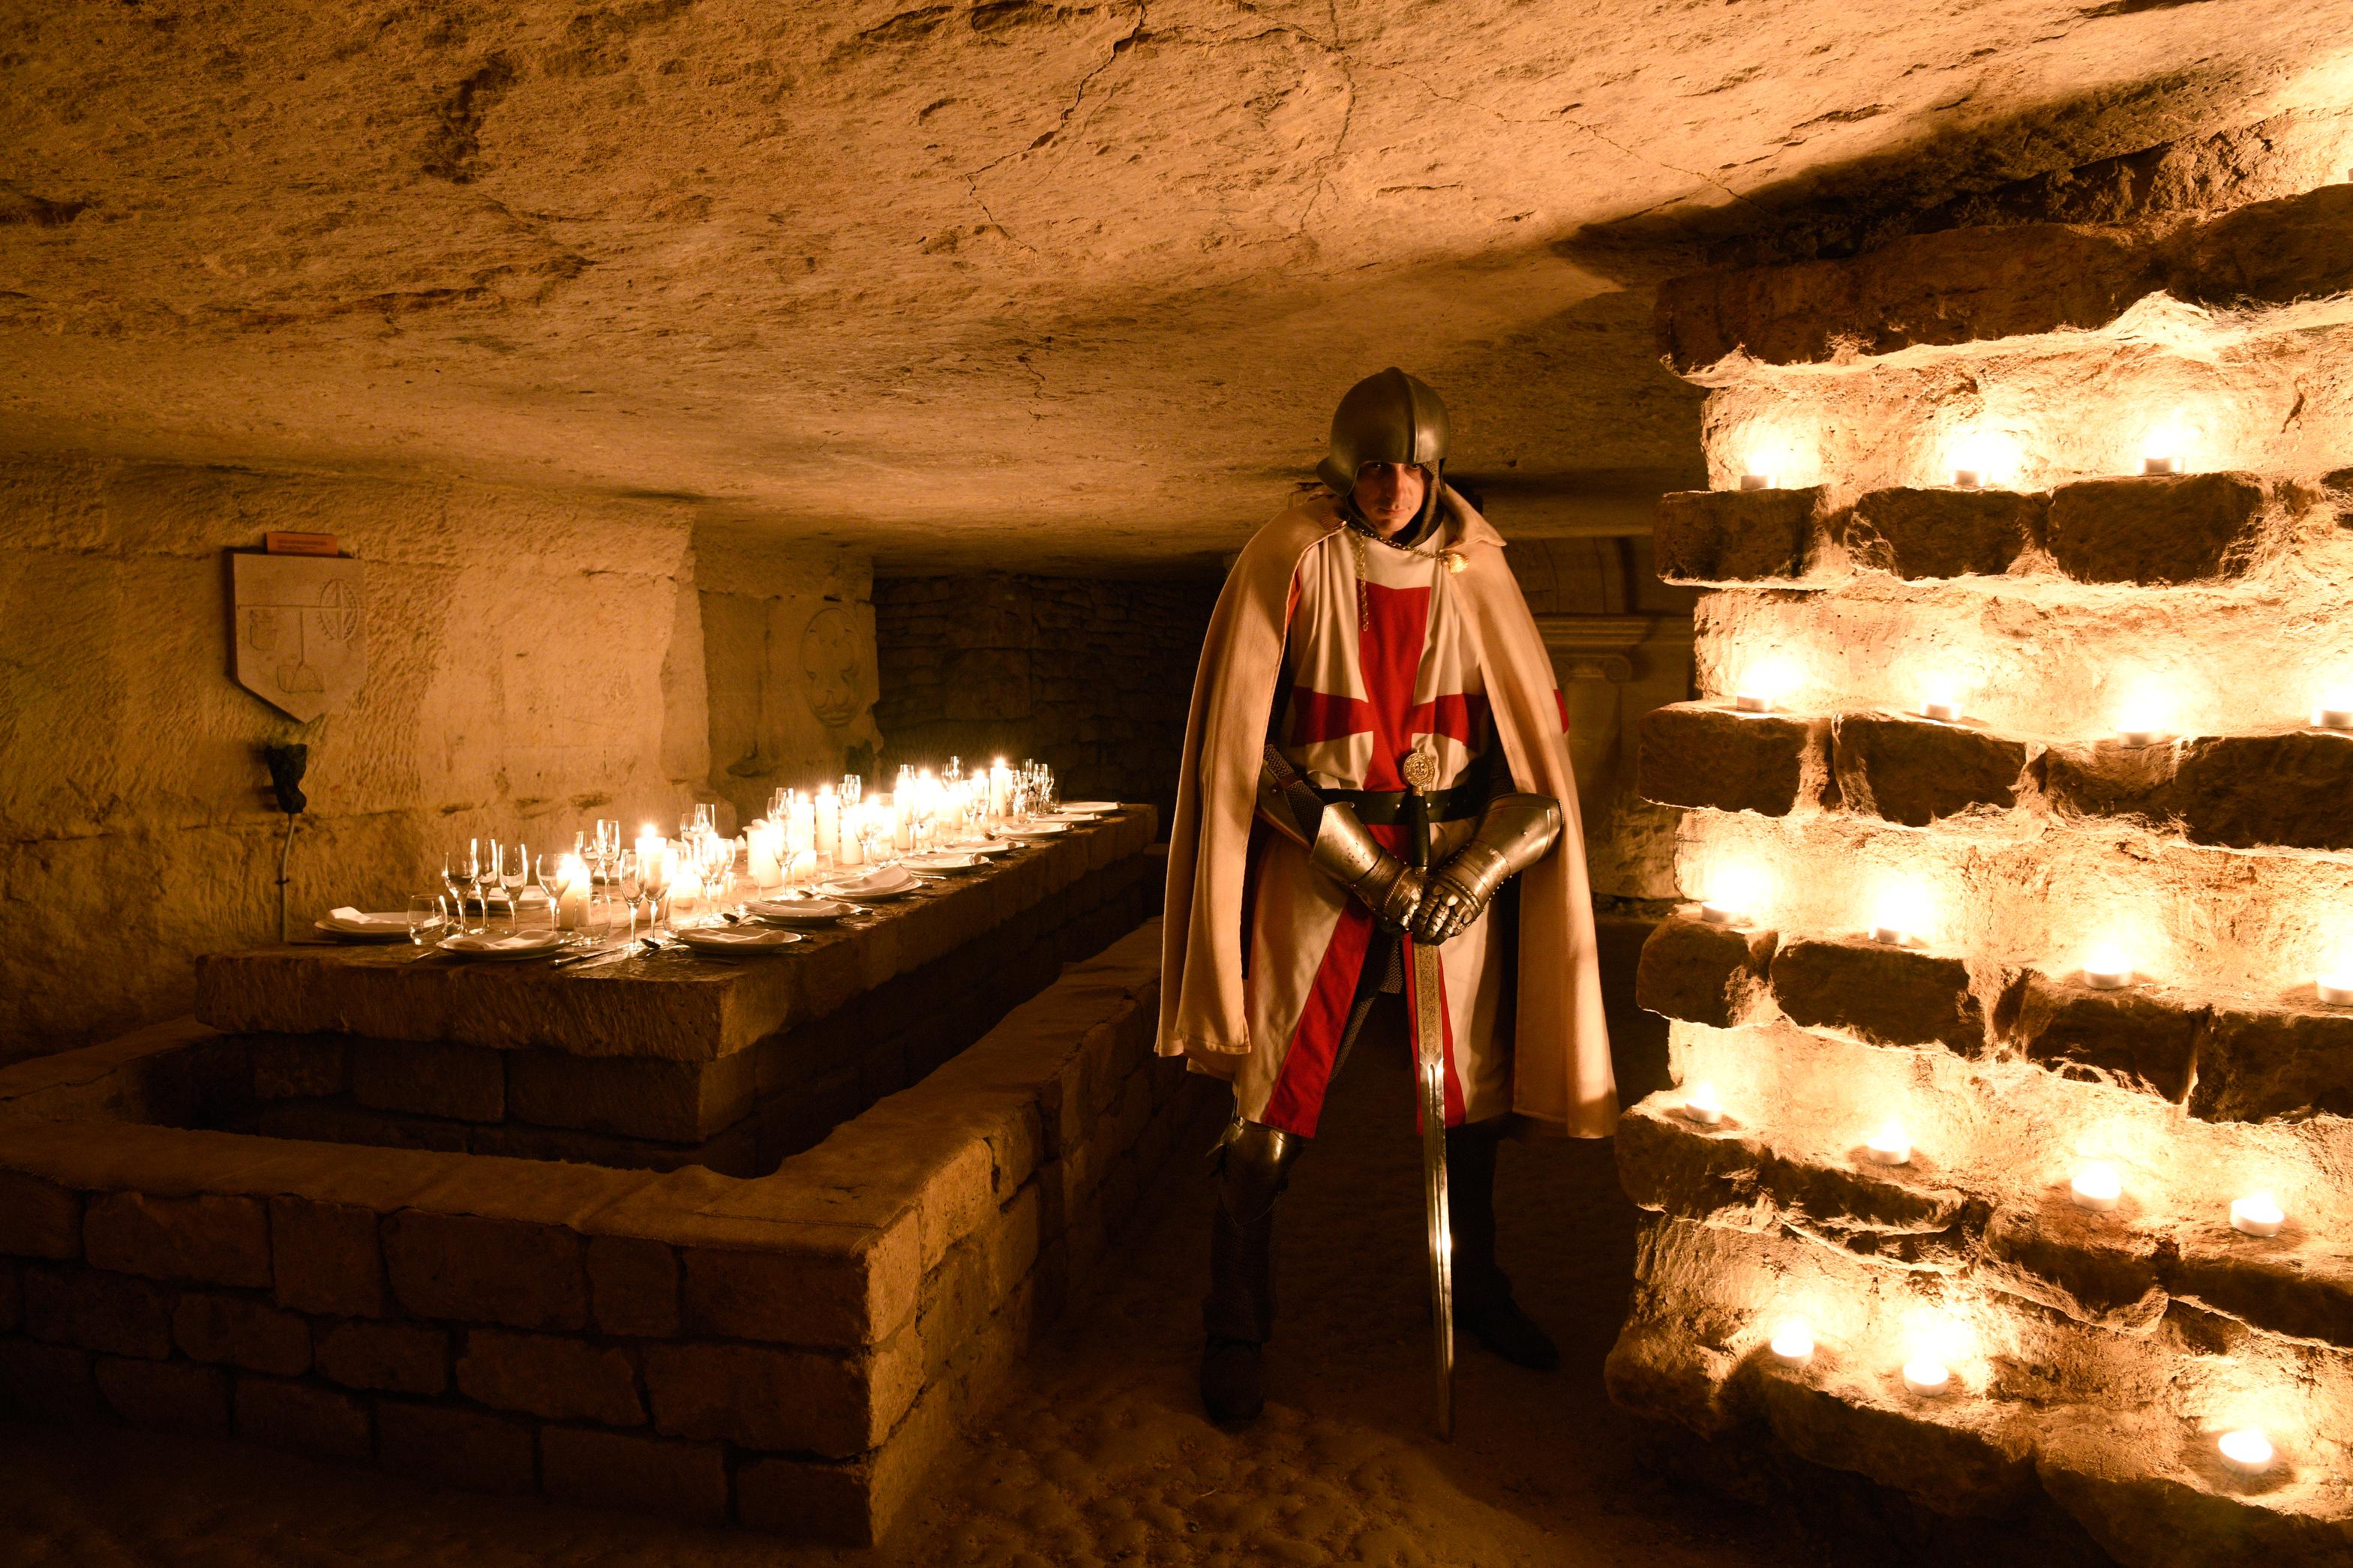 leboncoin : Un dîner dans les catacombes